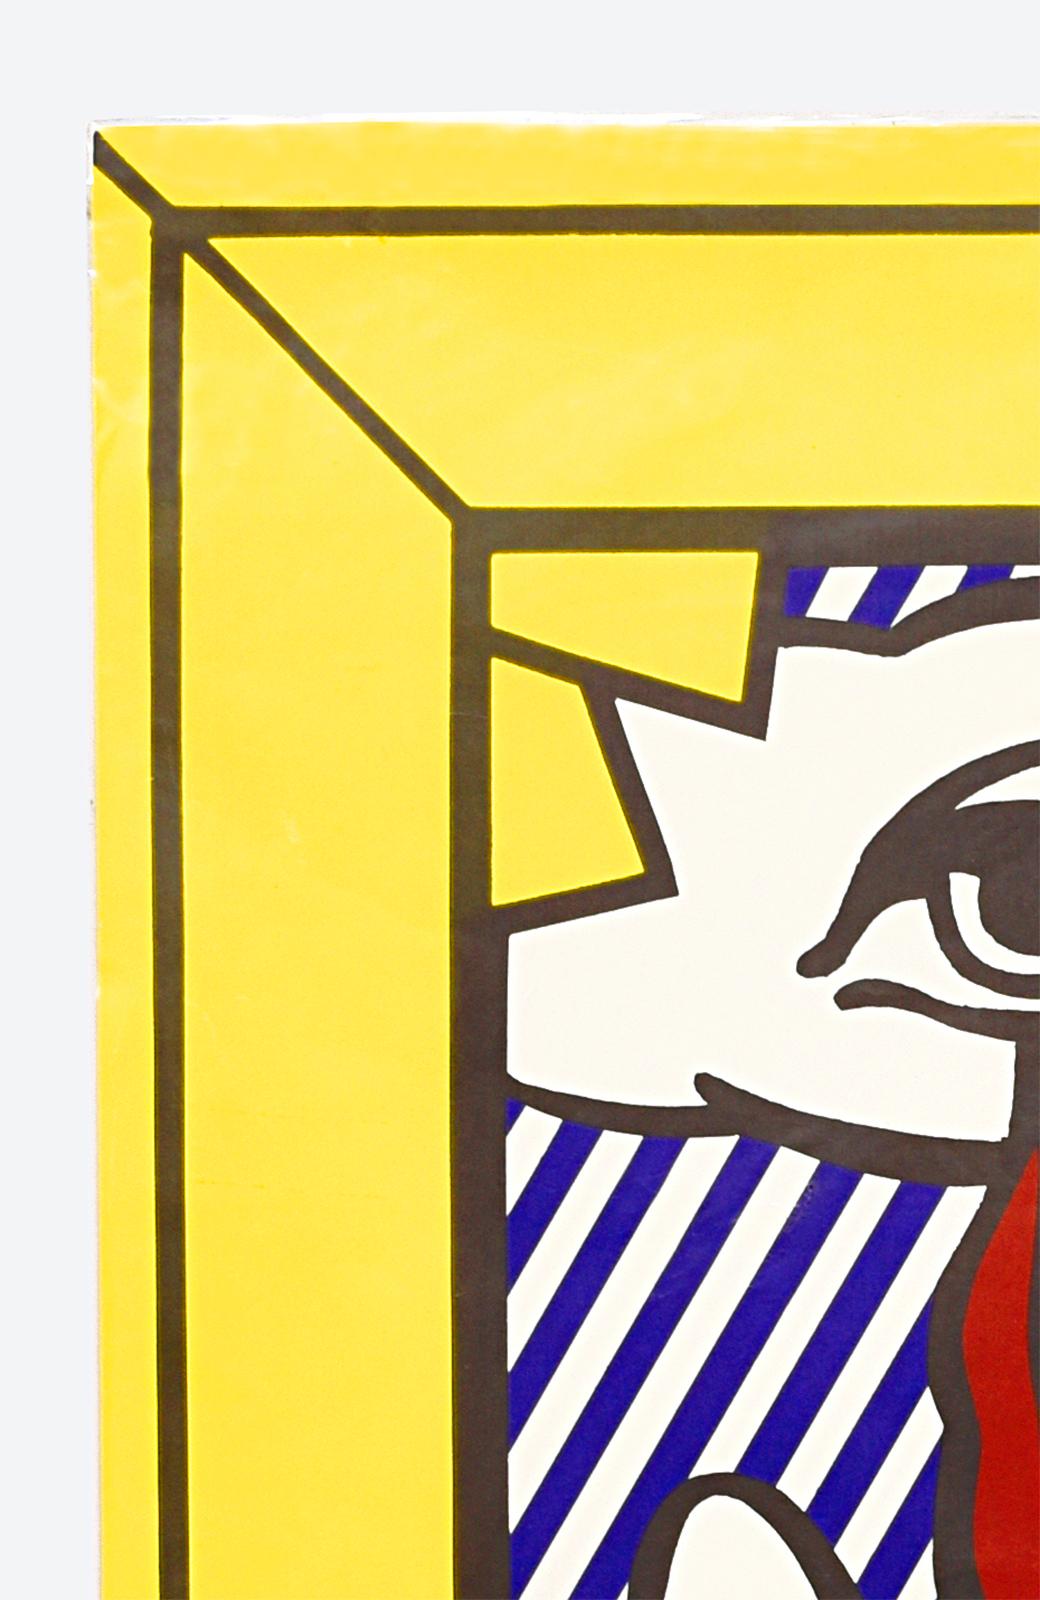 haco! 【アート】ロイ・リキテンスタイン 「Art About Art」 <その他>の商品写真2